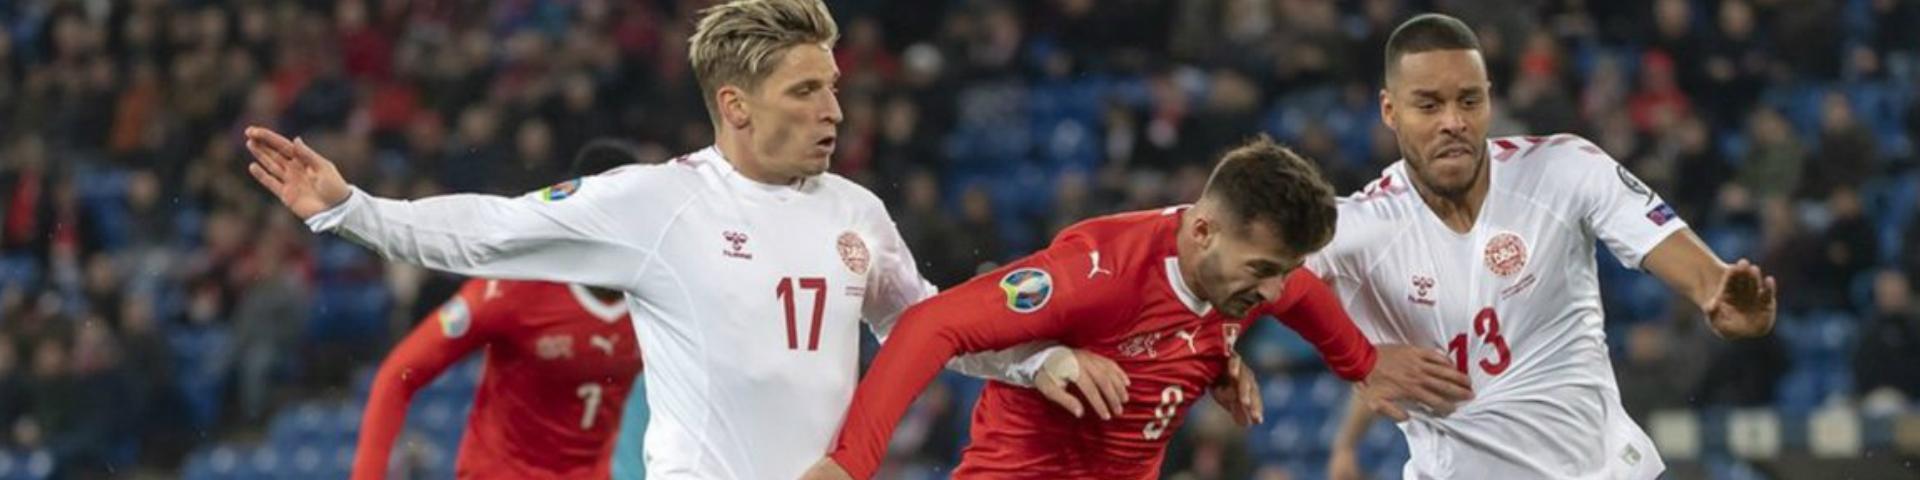 Сборная Дании отыгралась, проигрывая 0:3 на 84-й минуте